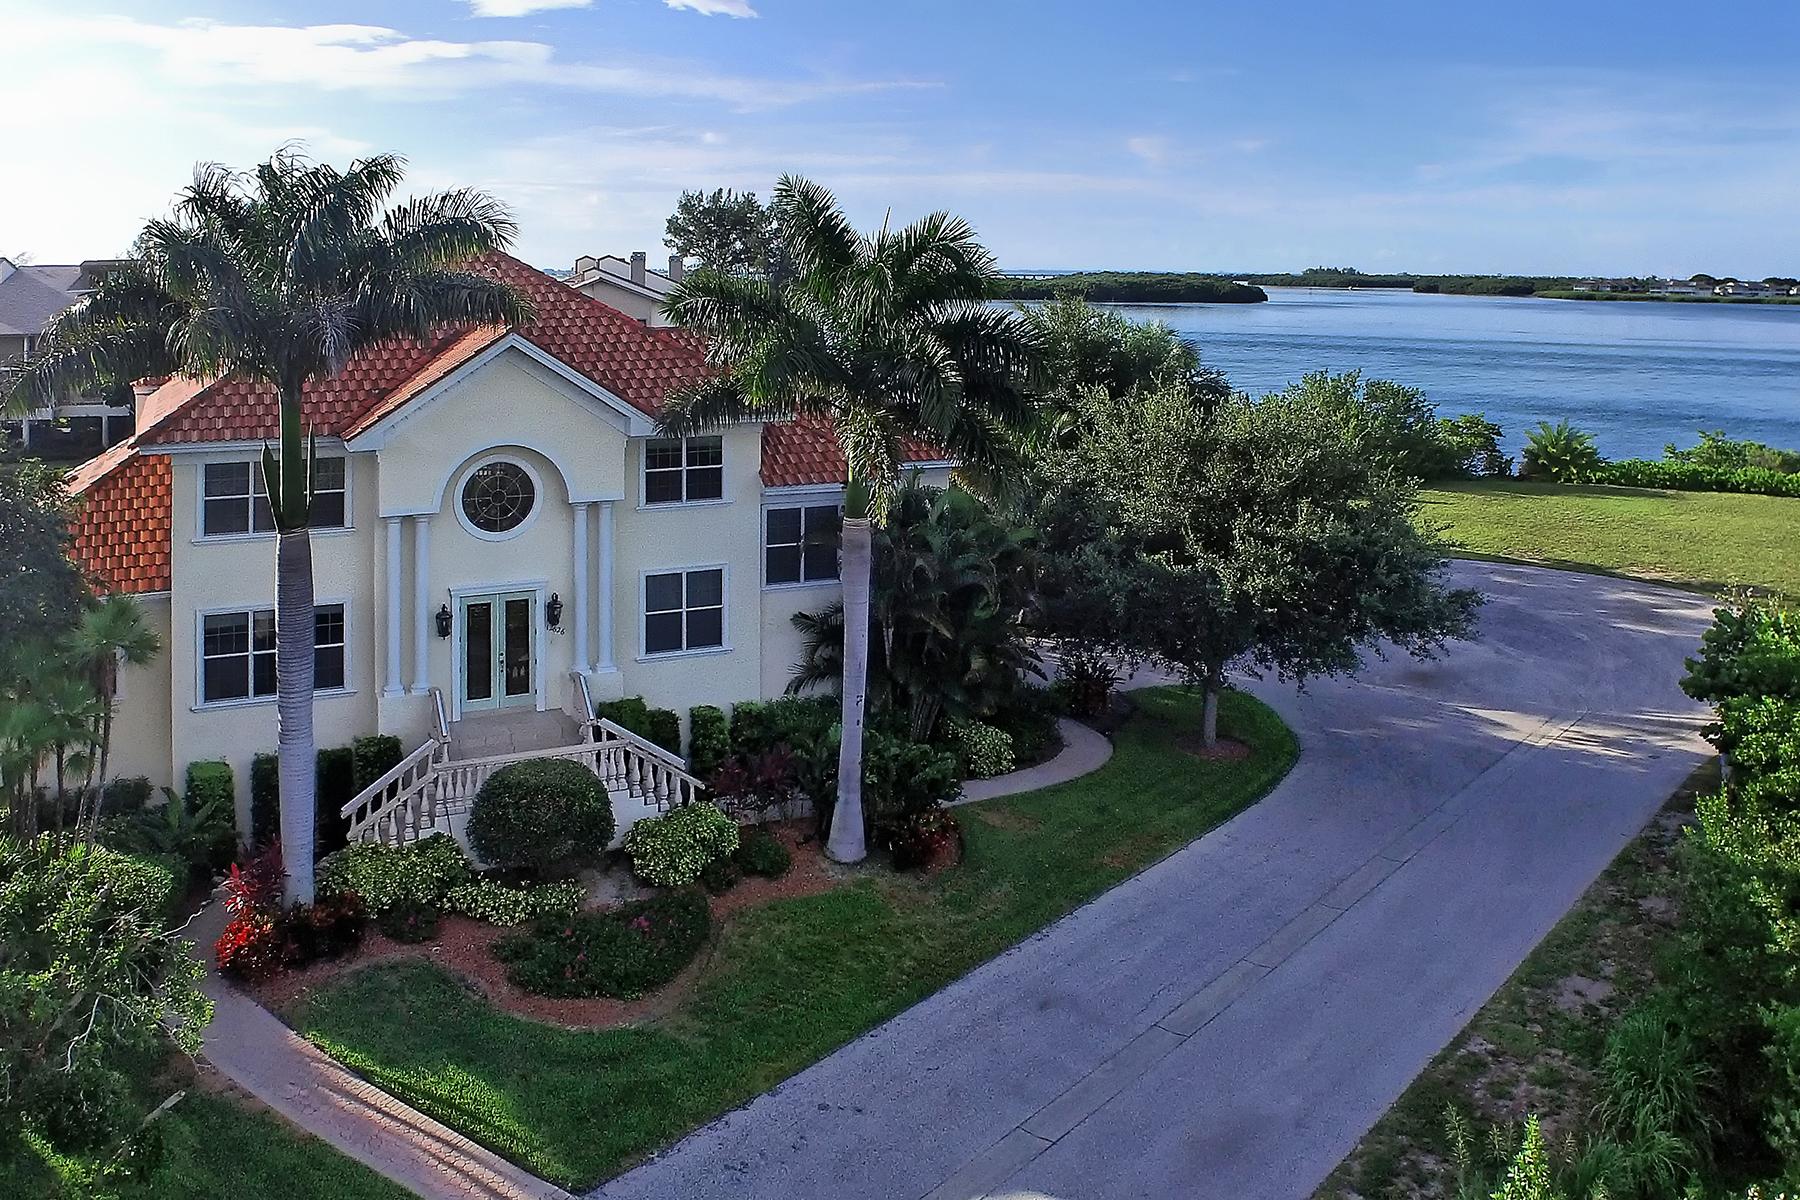 Maison unifamiliale pour l Vente à HARBOUR LANDINGS ESTATES 12626 Baypointe Terr Cortez, Florida, 34215 États-Unis